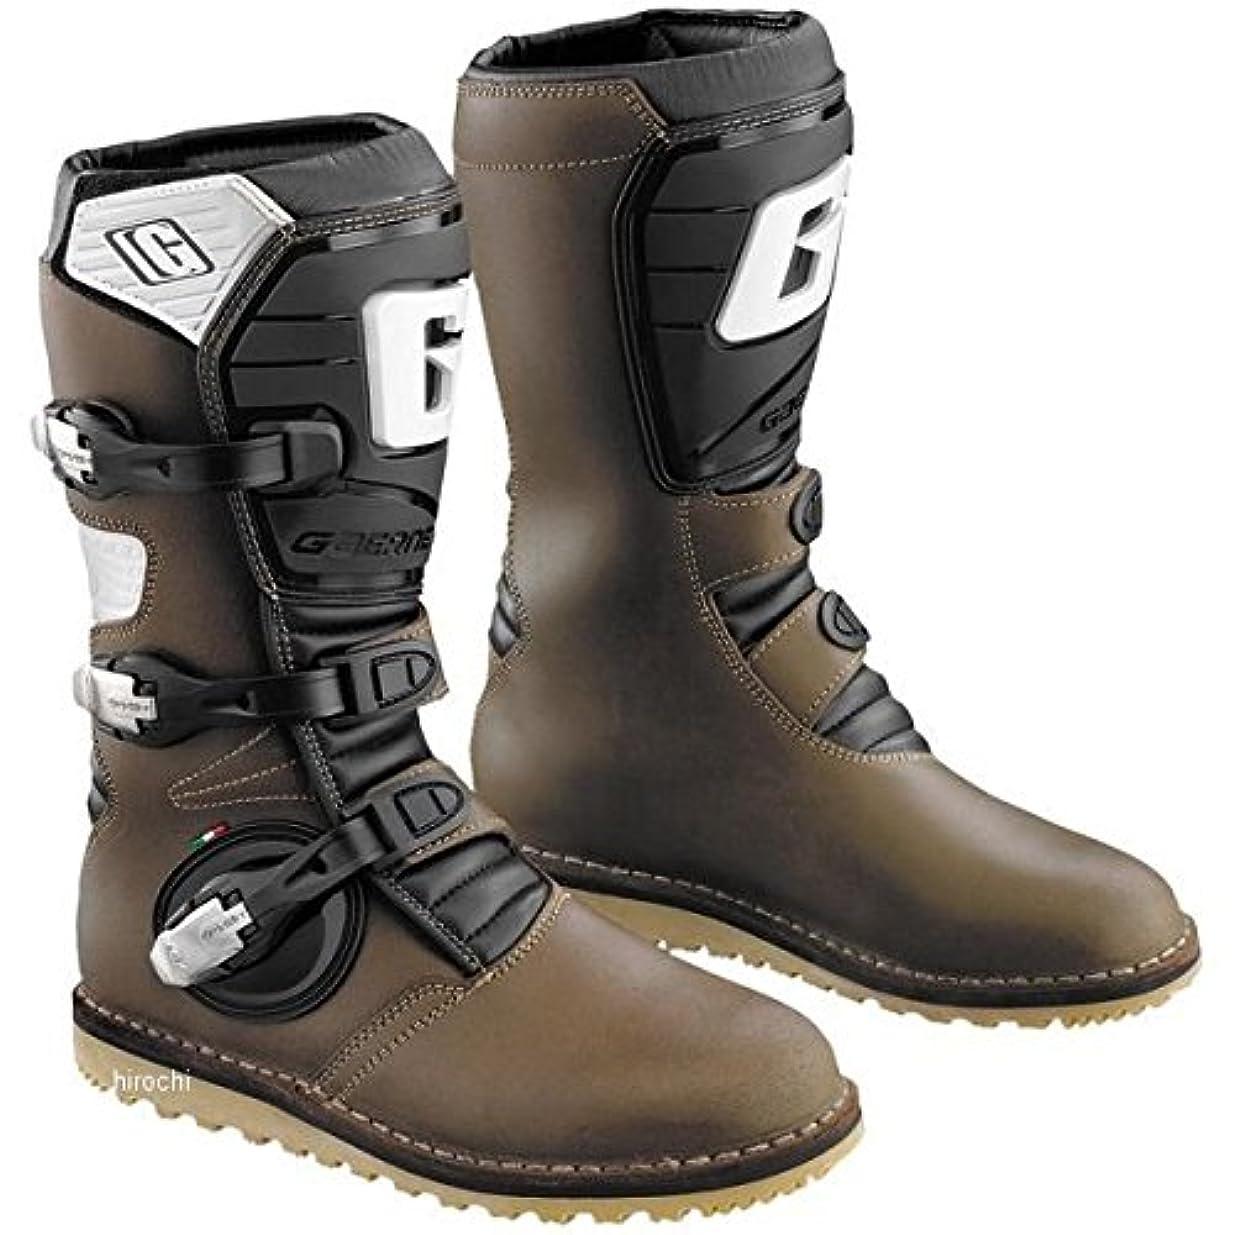 アクティブ見通し解釈的ガエルネ GAERNE ブーツ Balance Pro-Tech ブラウン 9サイズ(27cm) 455410 2524-013-09